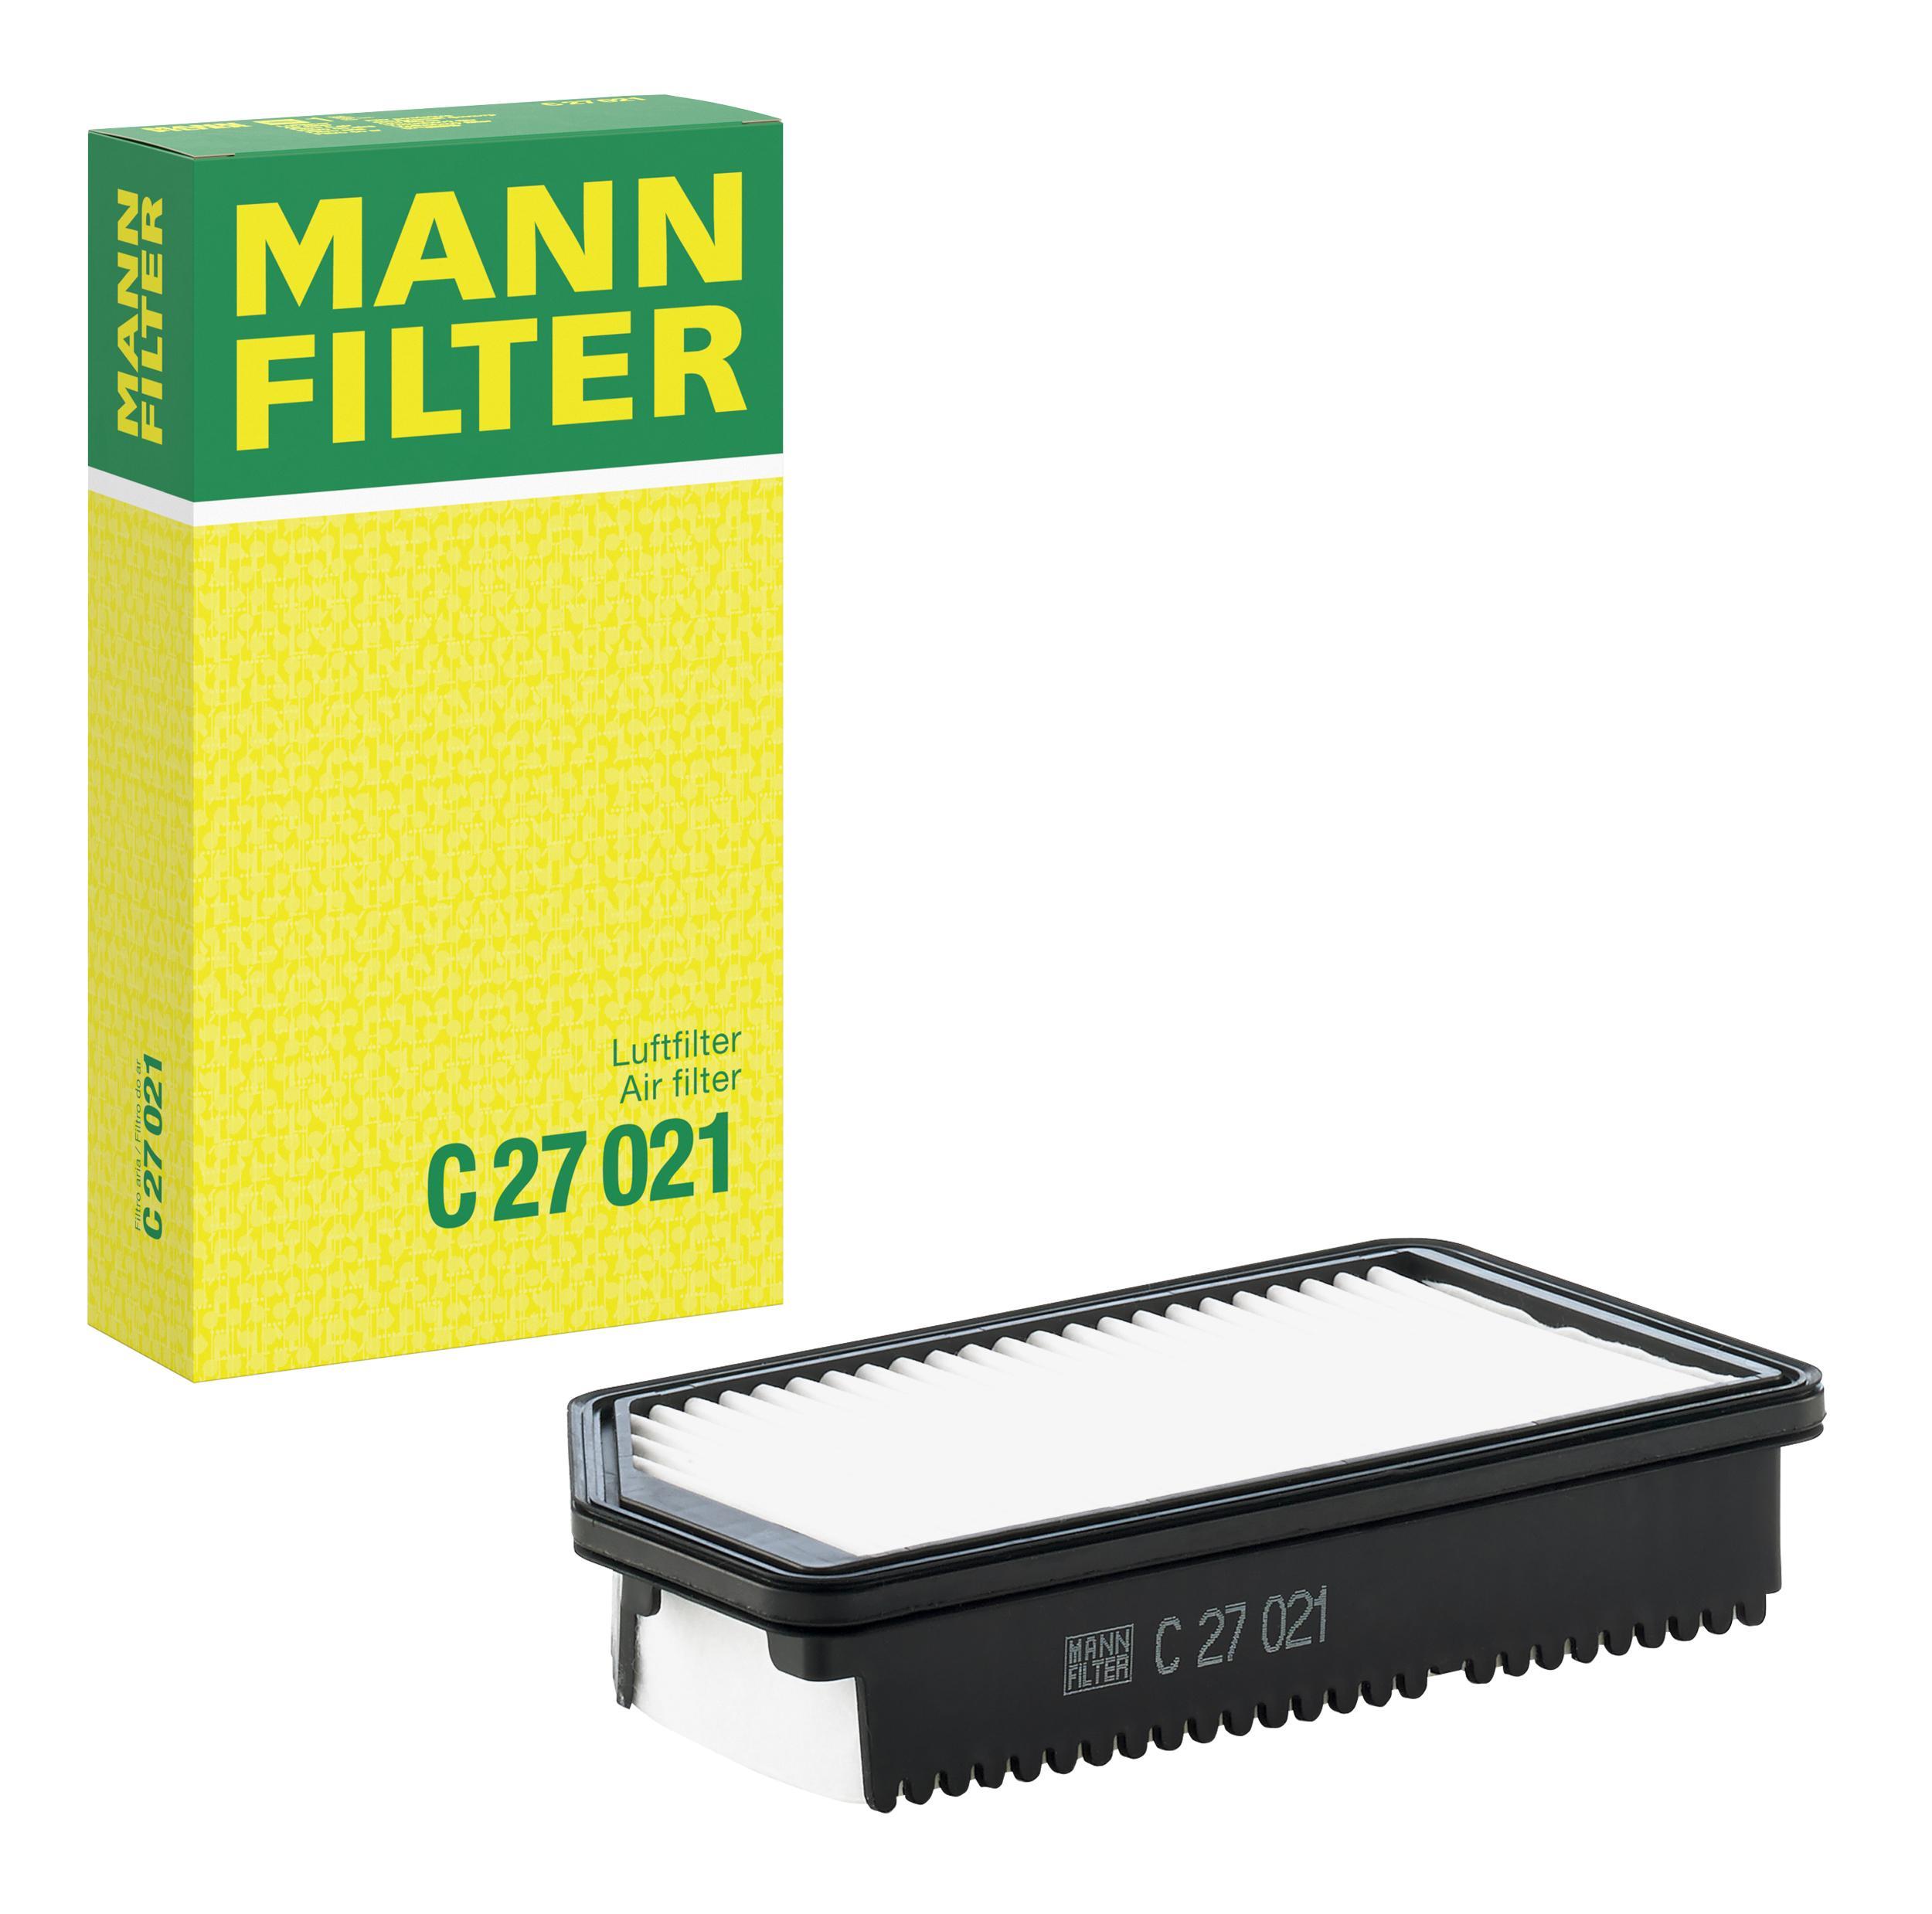 Original Zracni filter C 27 021 Kia